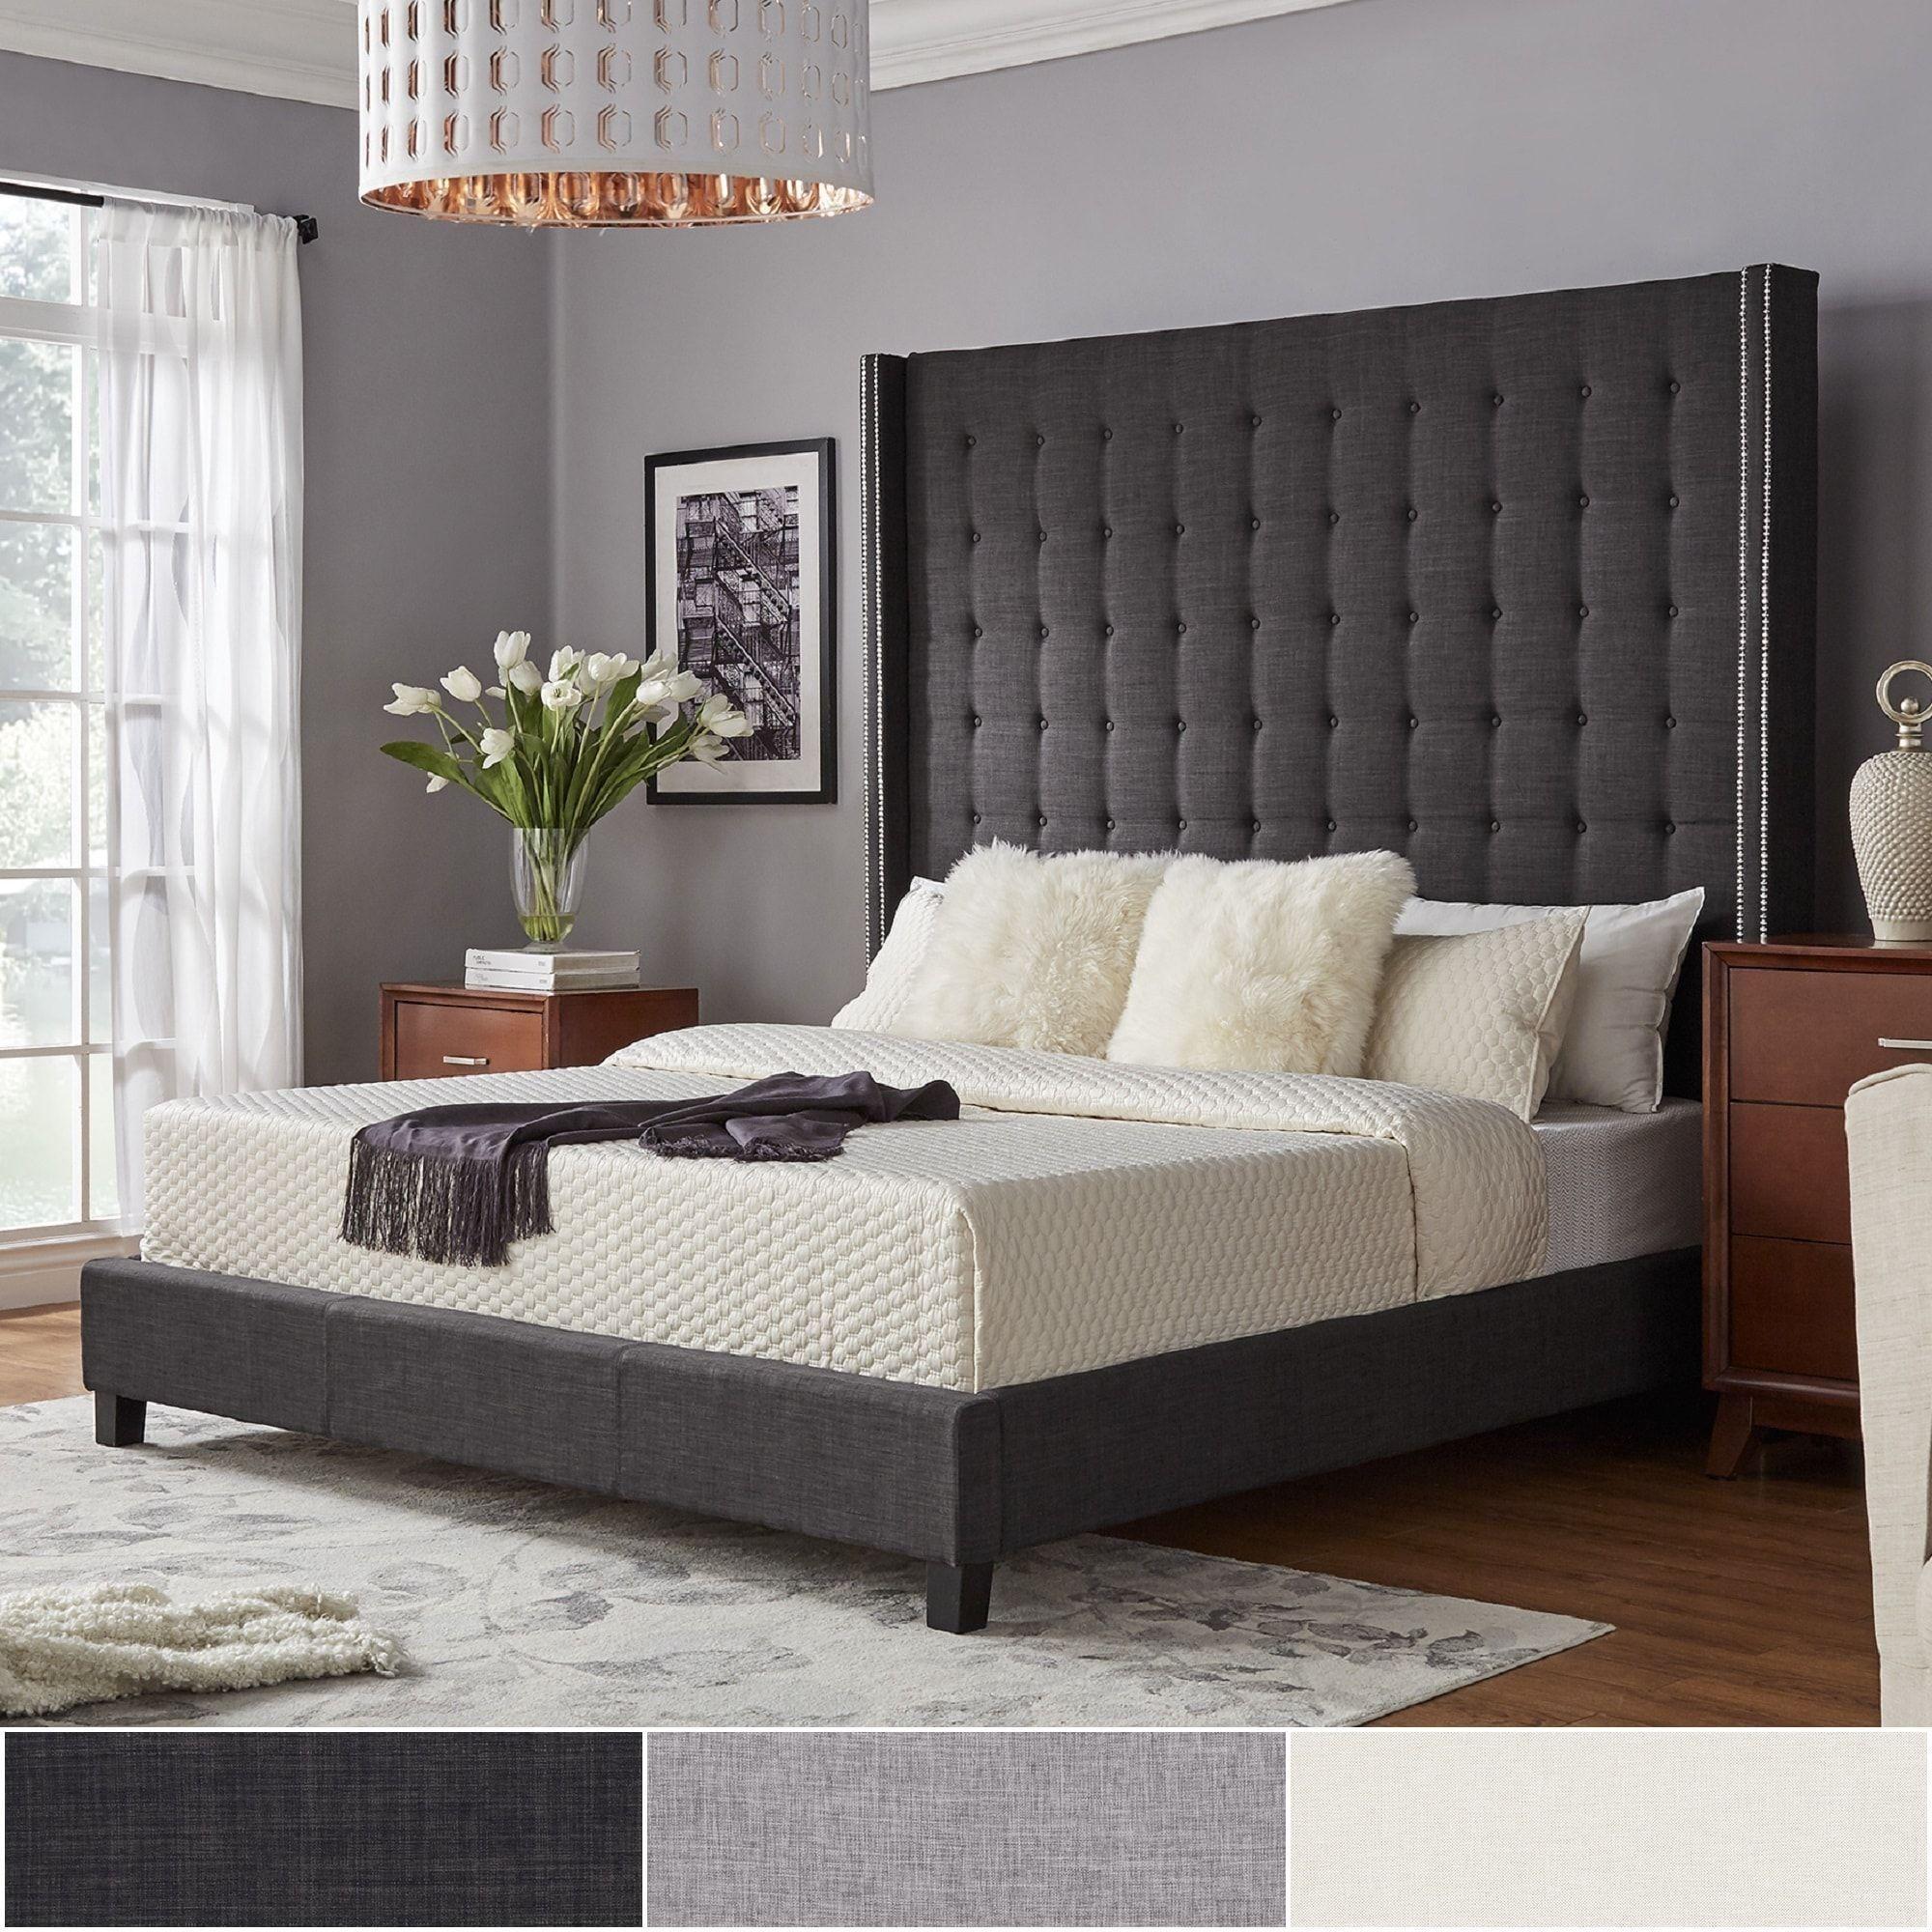 Marion Nailhead Wingback Tufted 84 Inch High Headboard Platform Bed By Inspire Q Bold Dormitorio De Lujo Moderno Dormitorios Principales Dormitorios